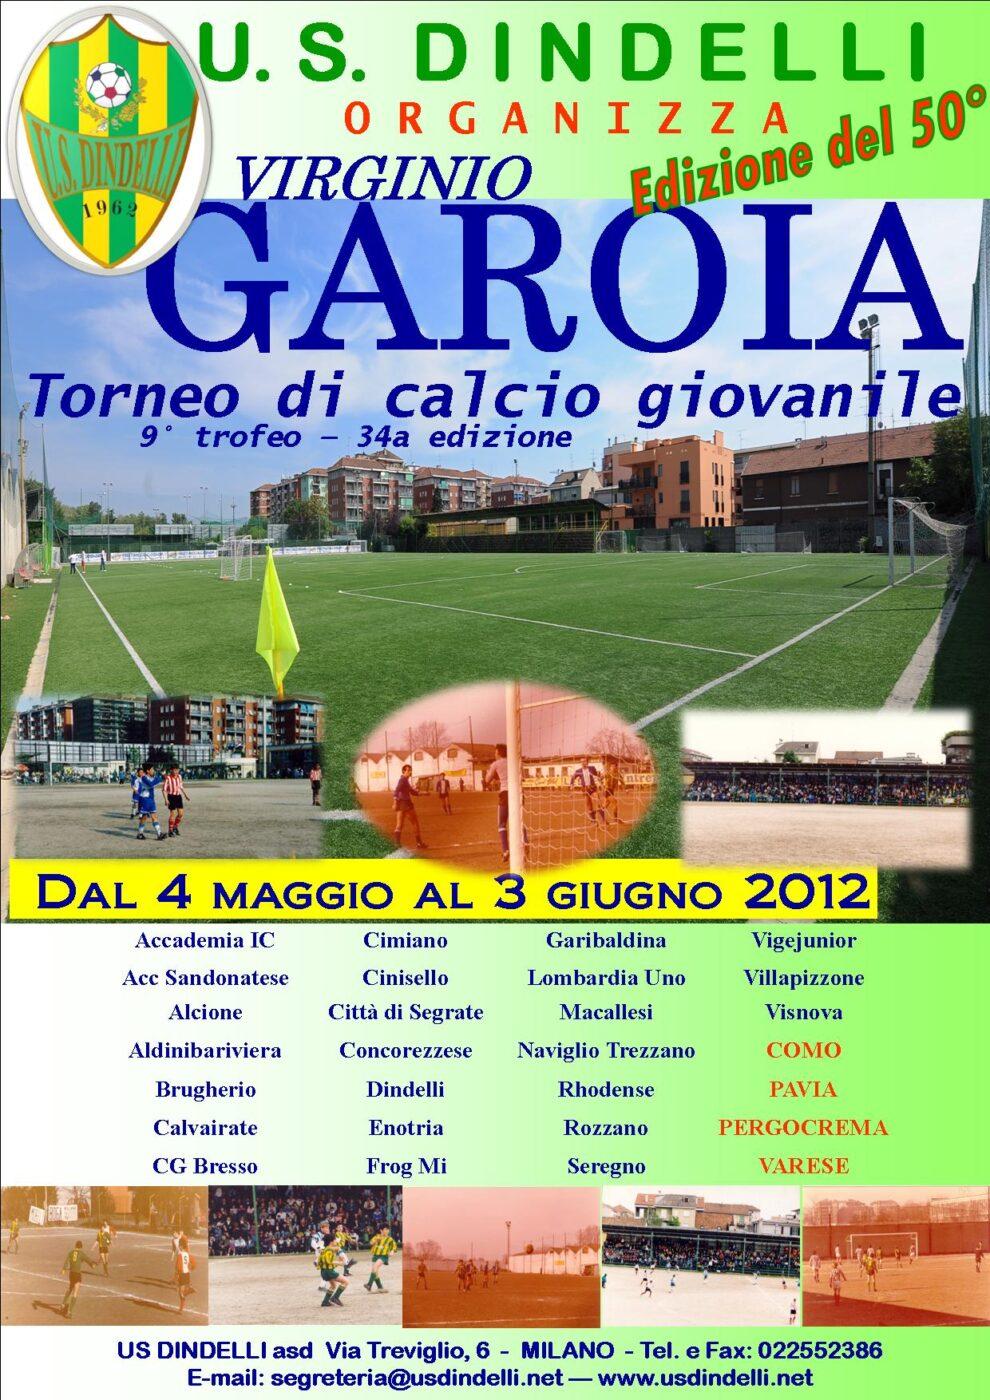 Il Trofeo Garoia 2012, organizzato in occasione del cinquantesimo anniversario della fondazione dell'U.S. Dindelli